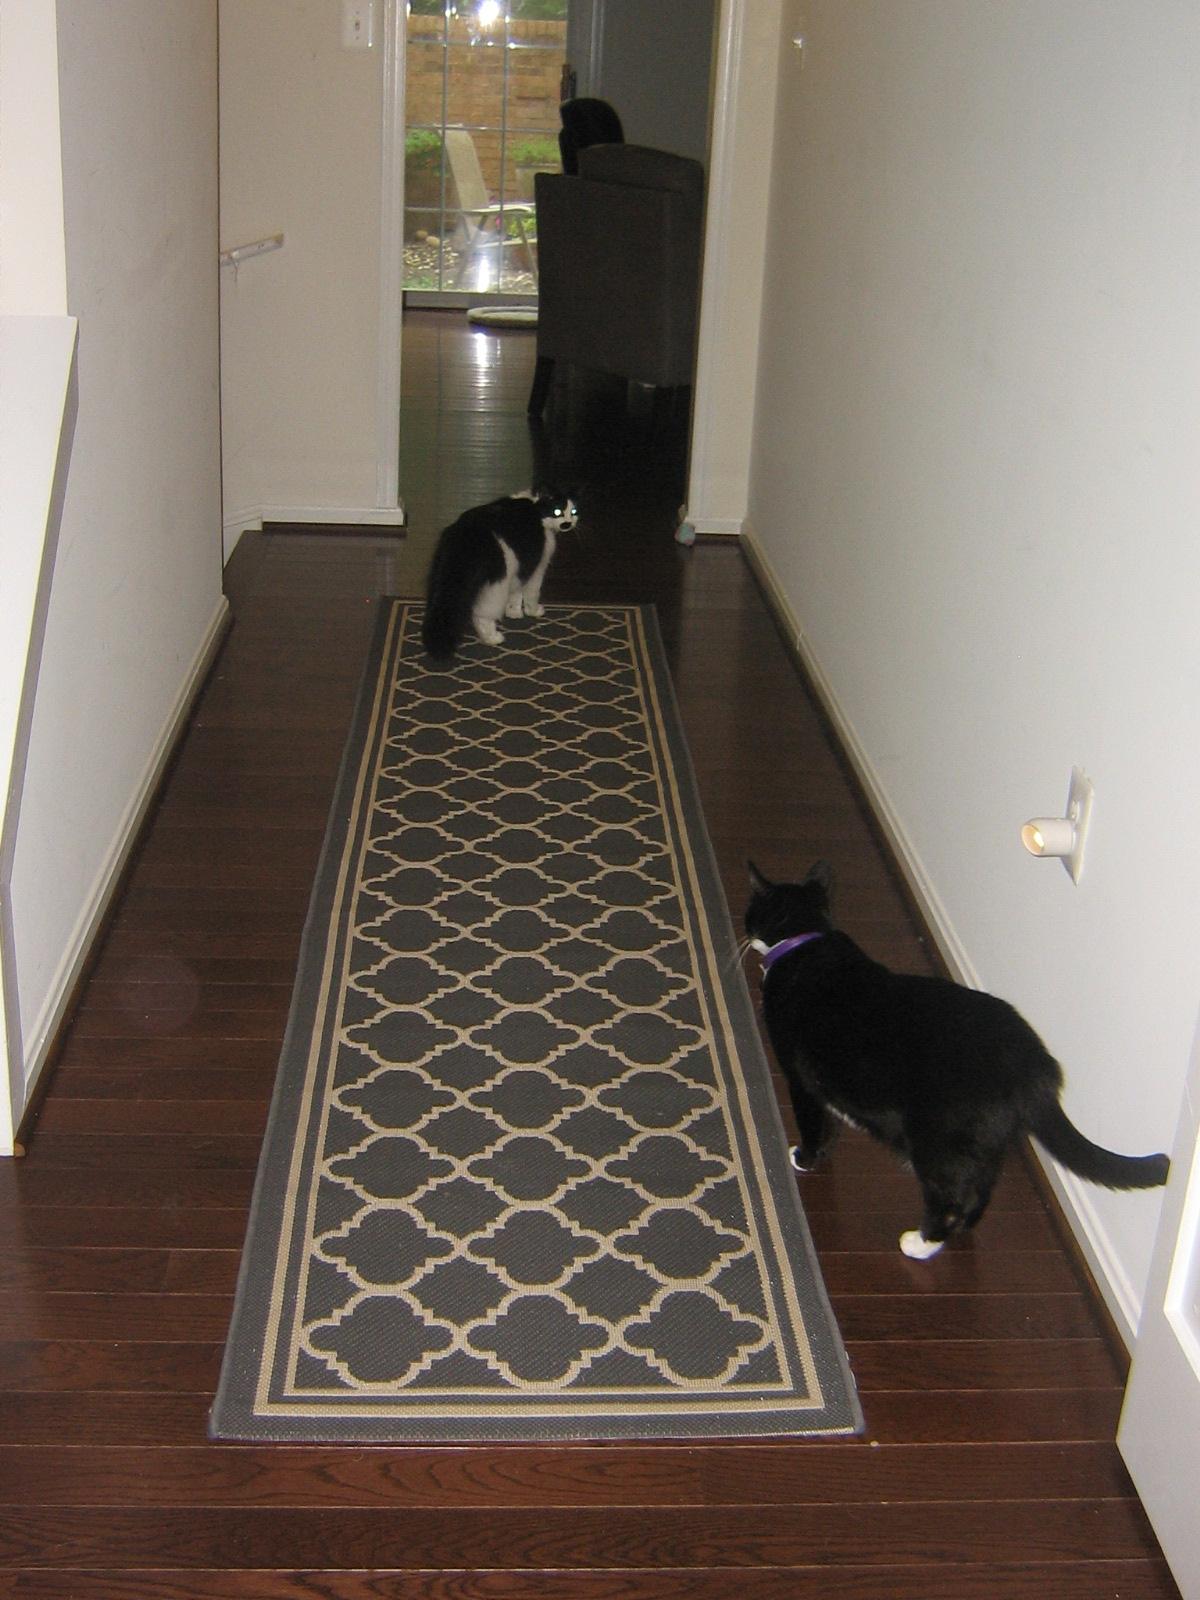 Flooring Runners Hallway Carpet Rug Runners Hallway Runners Regarding Runners For The Hallway (#12 of 20)